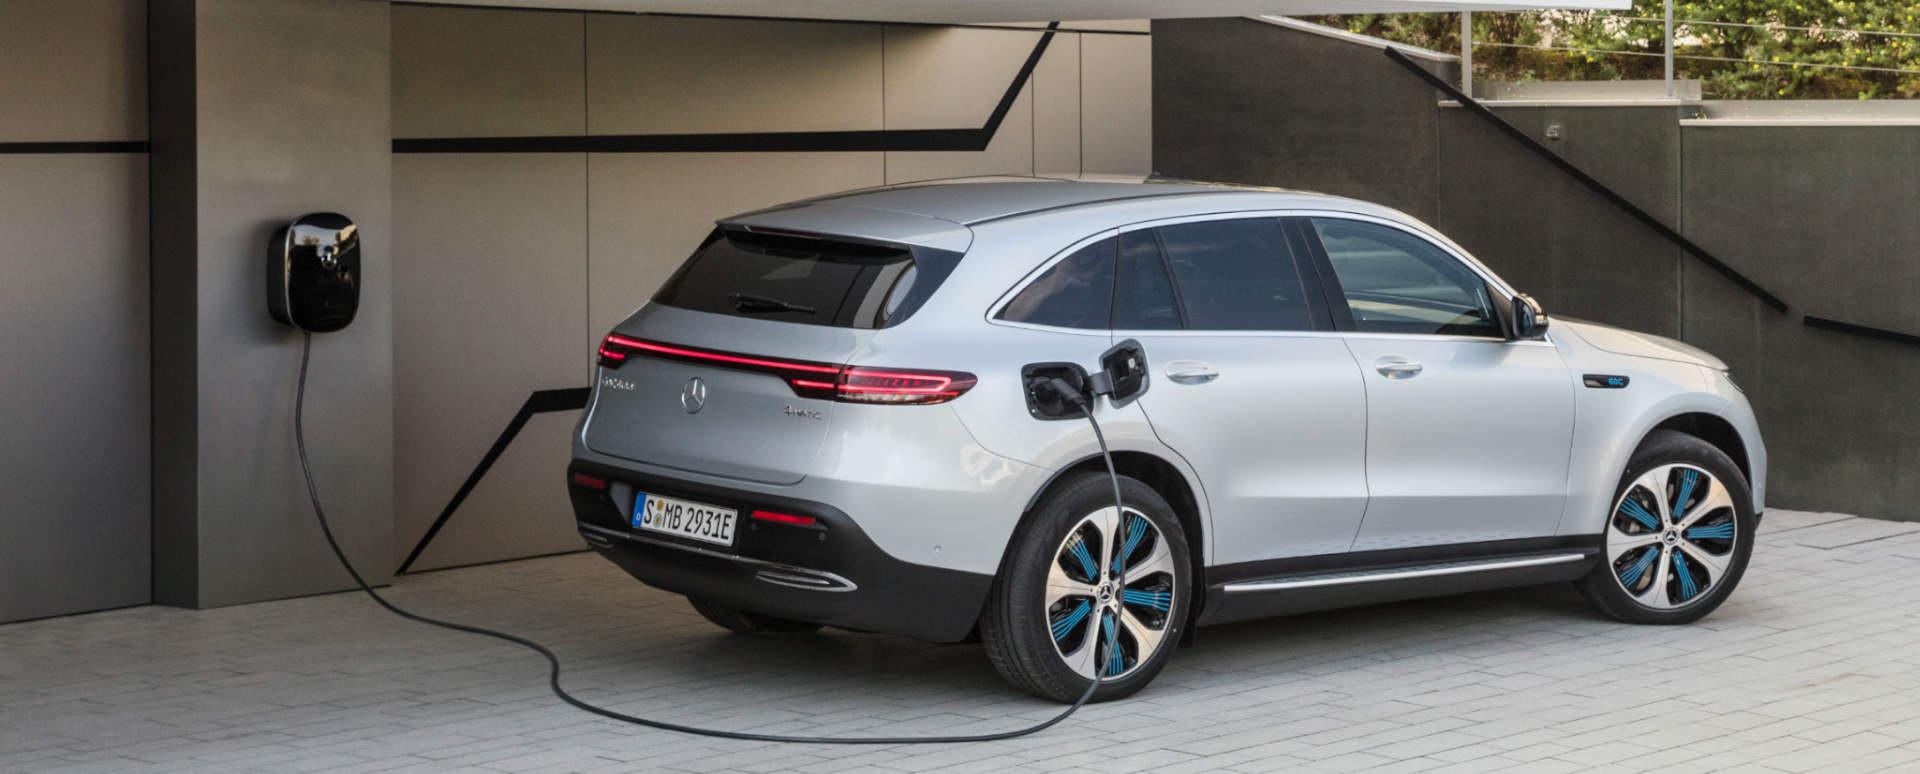 Mercedes-Benz EQC: Charging